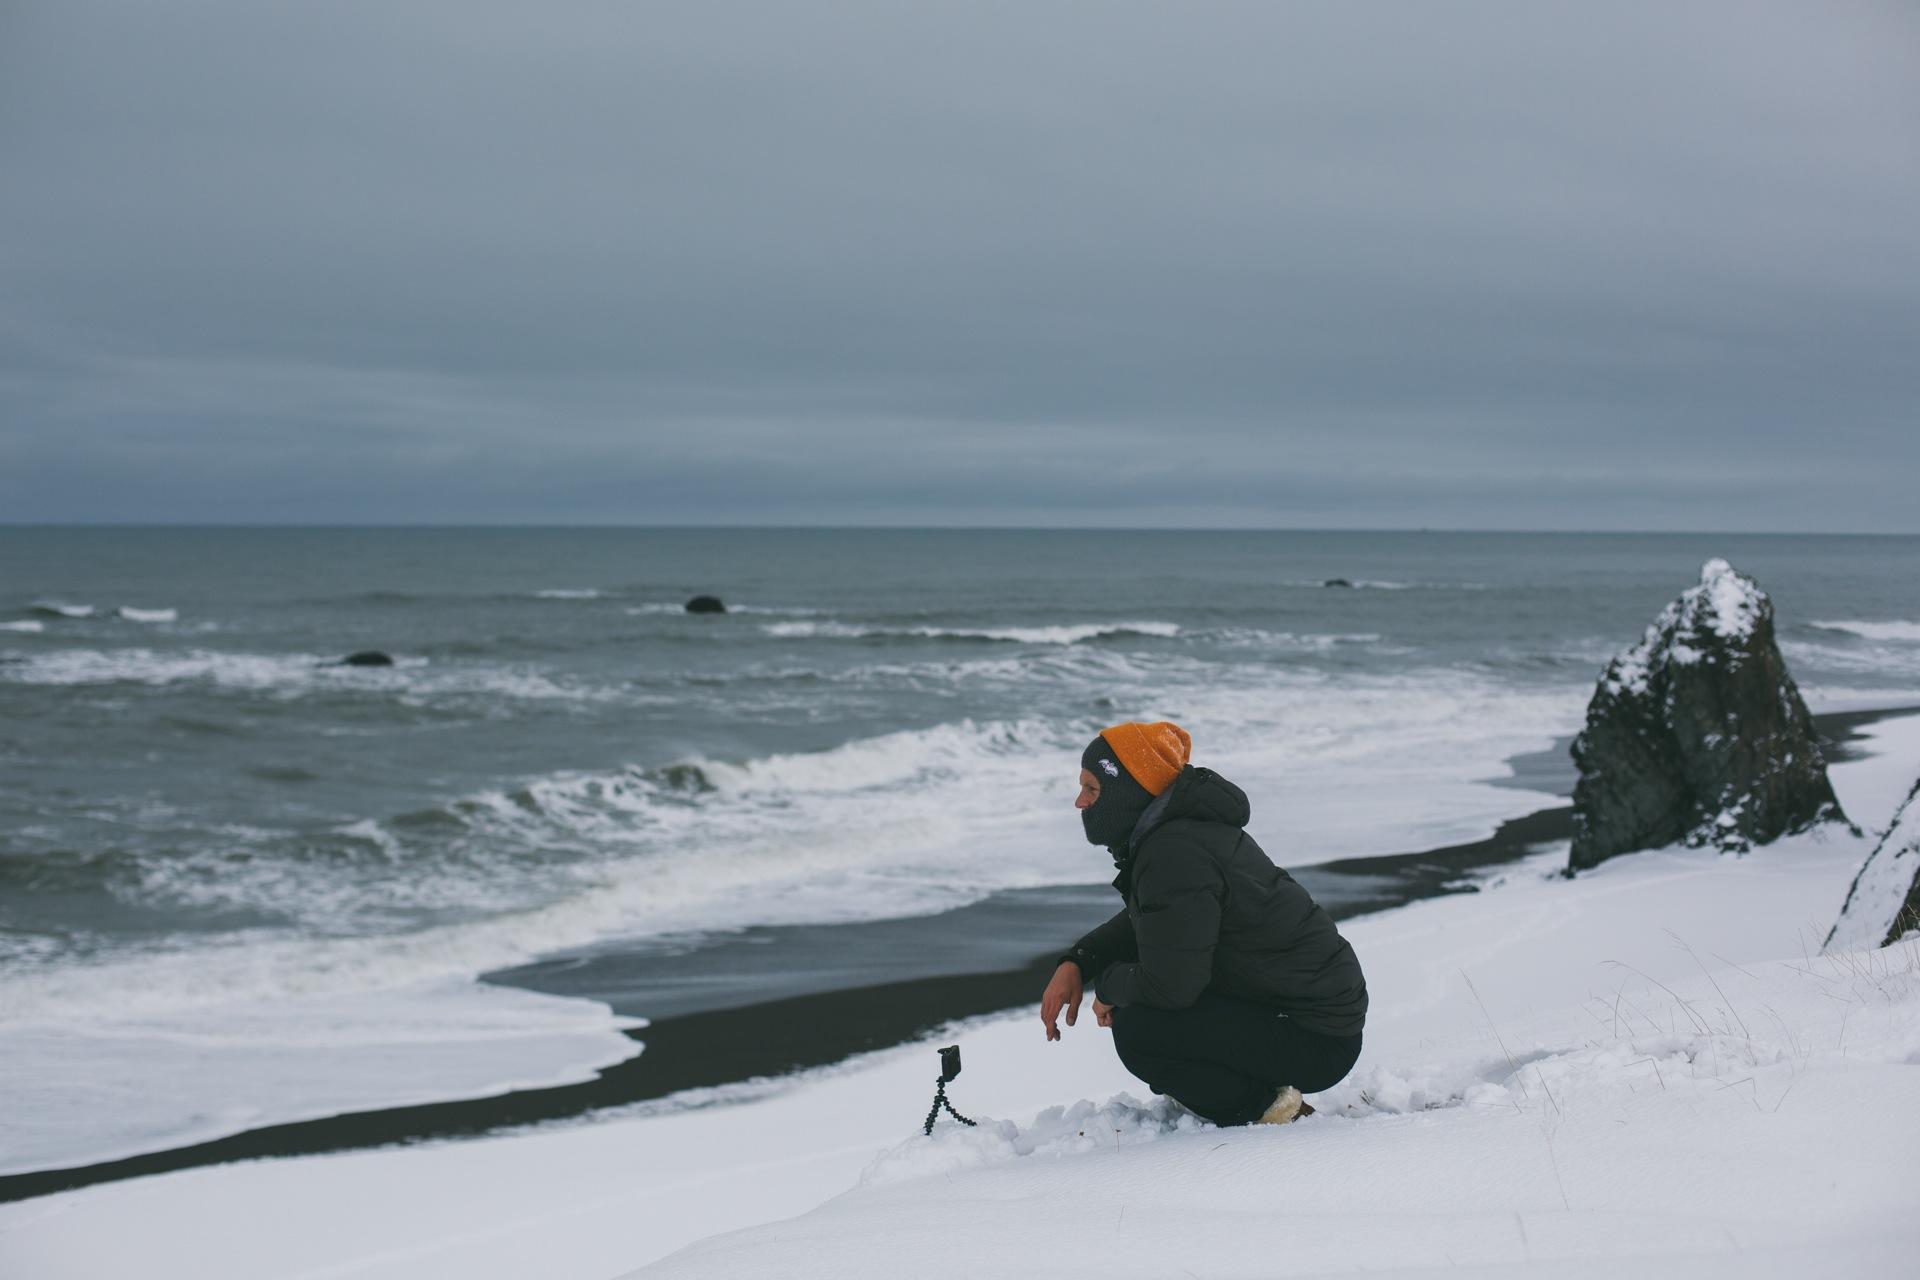 Iceland-2014-roadtrip-4.jpg